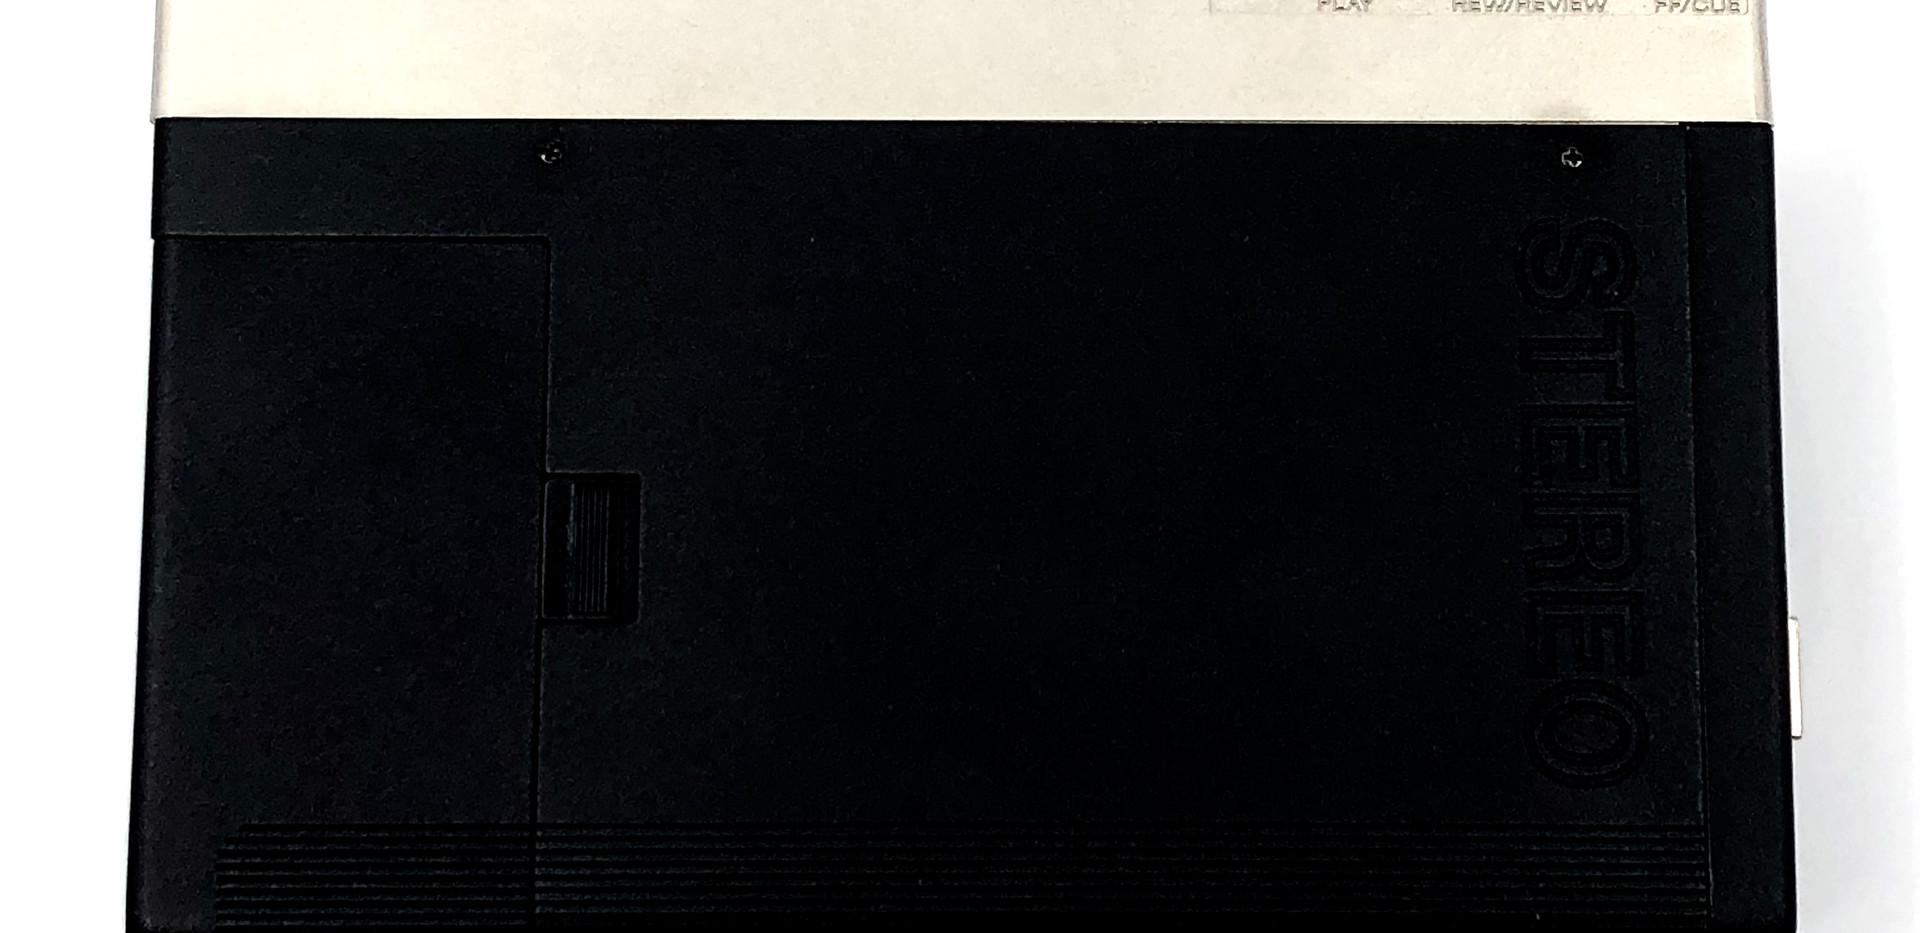 07-12-18-0734.jpg